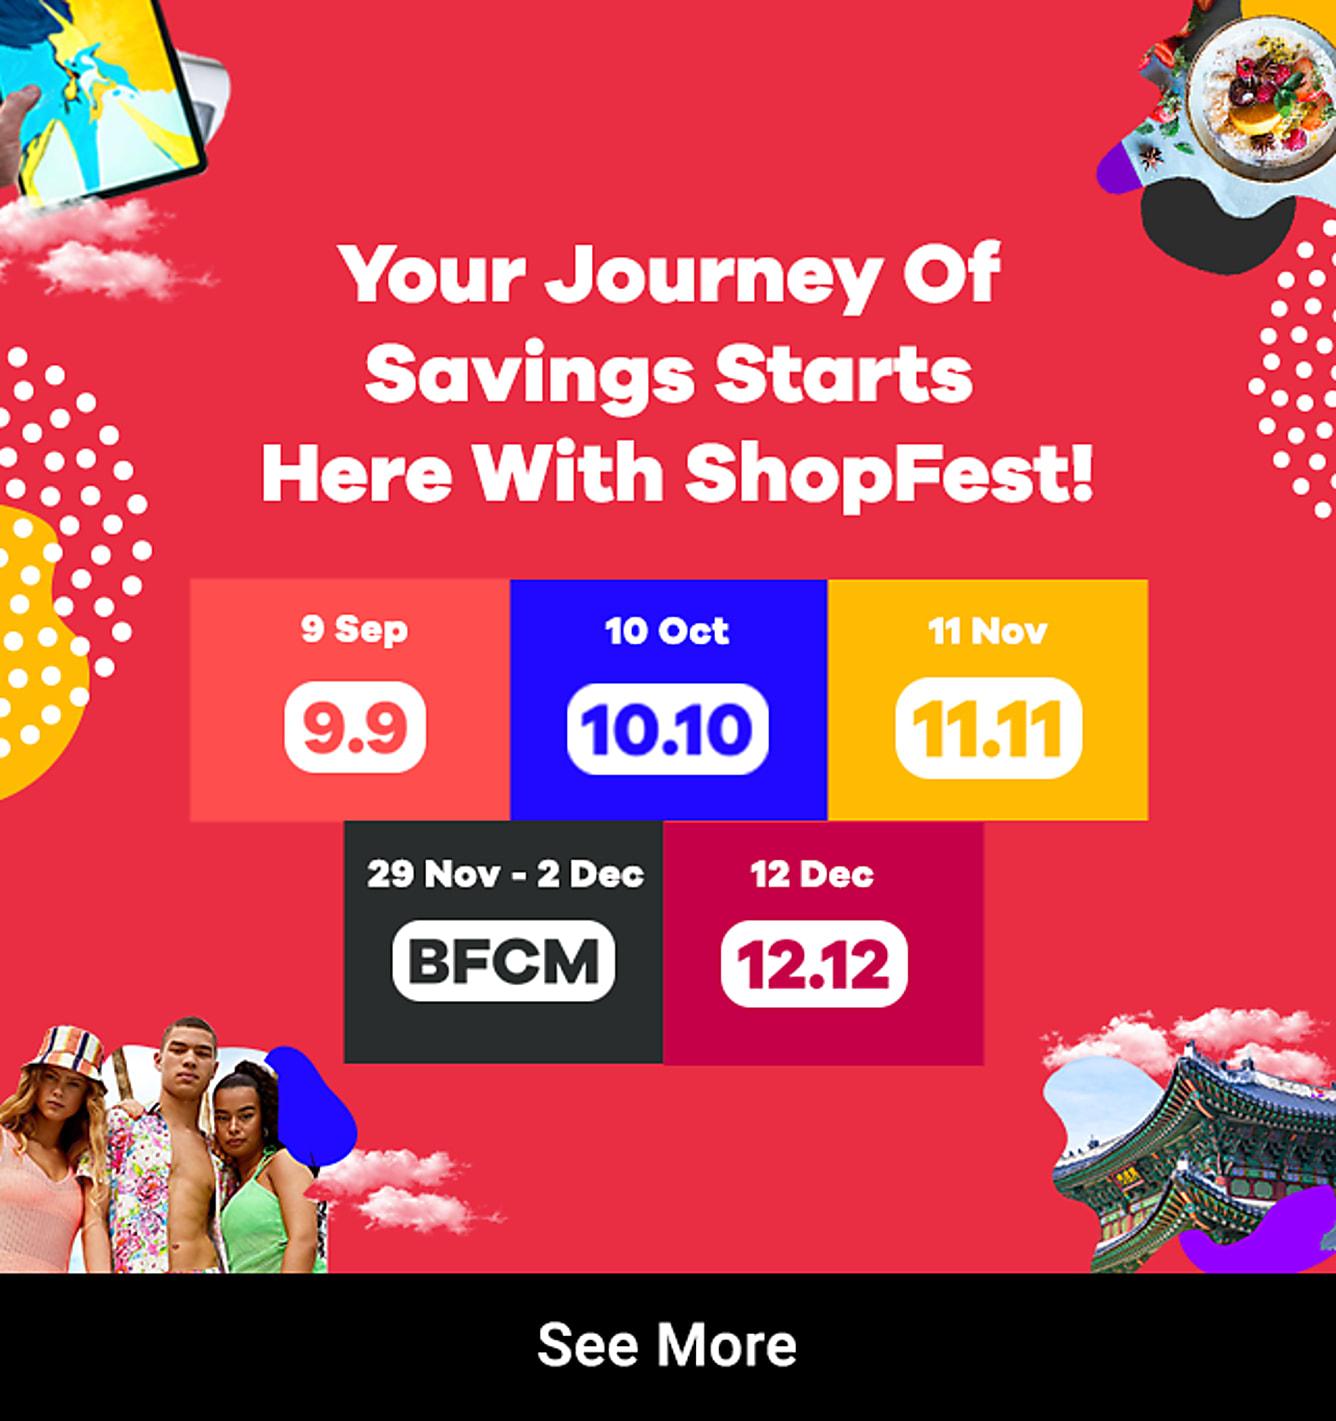 Shopfest 2019